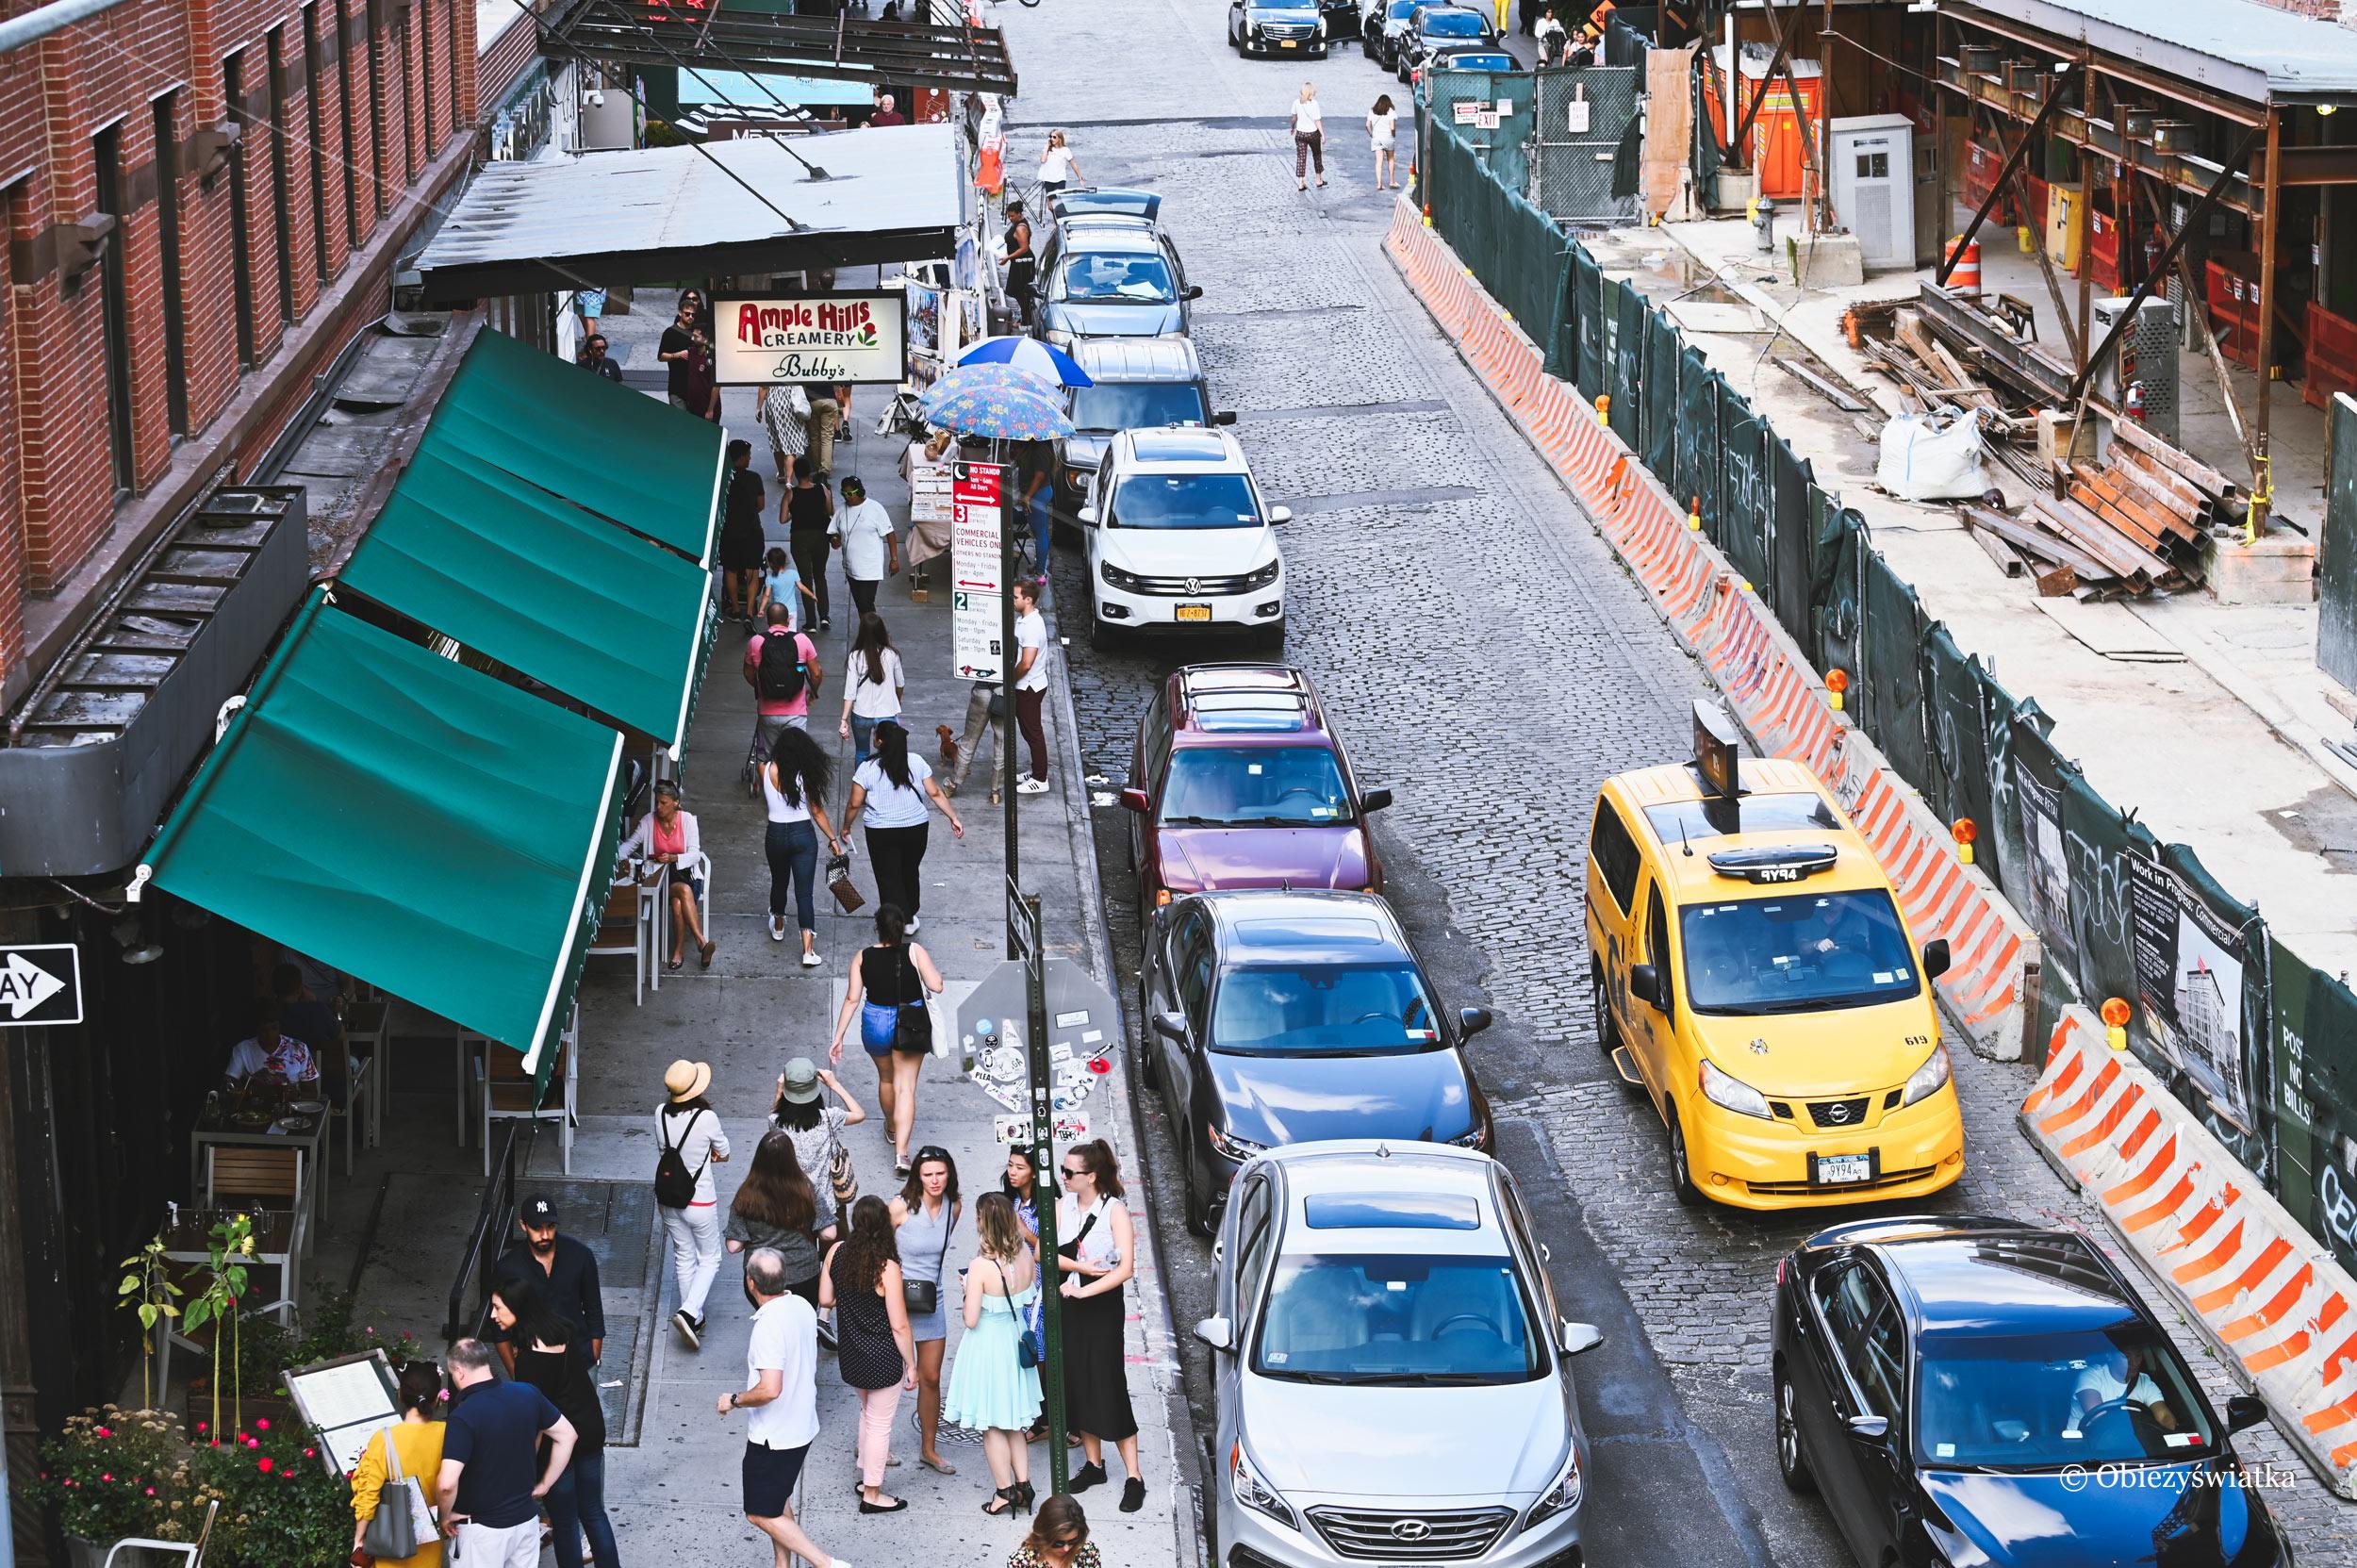 Nowojorskie ulice - widok z parku The High Line